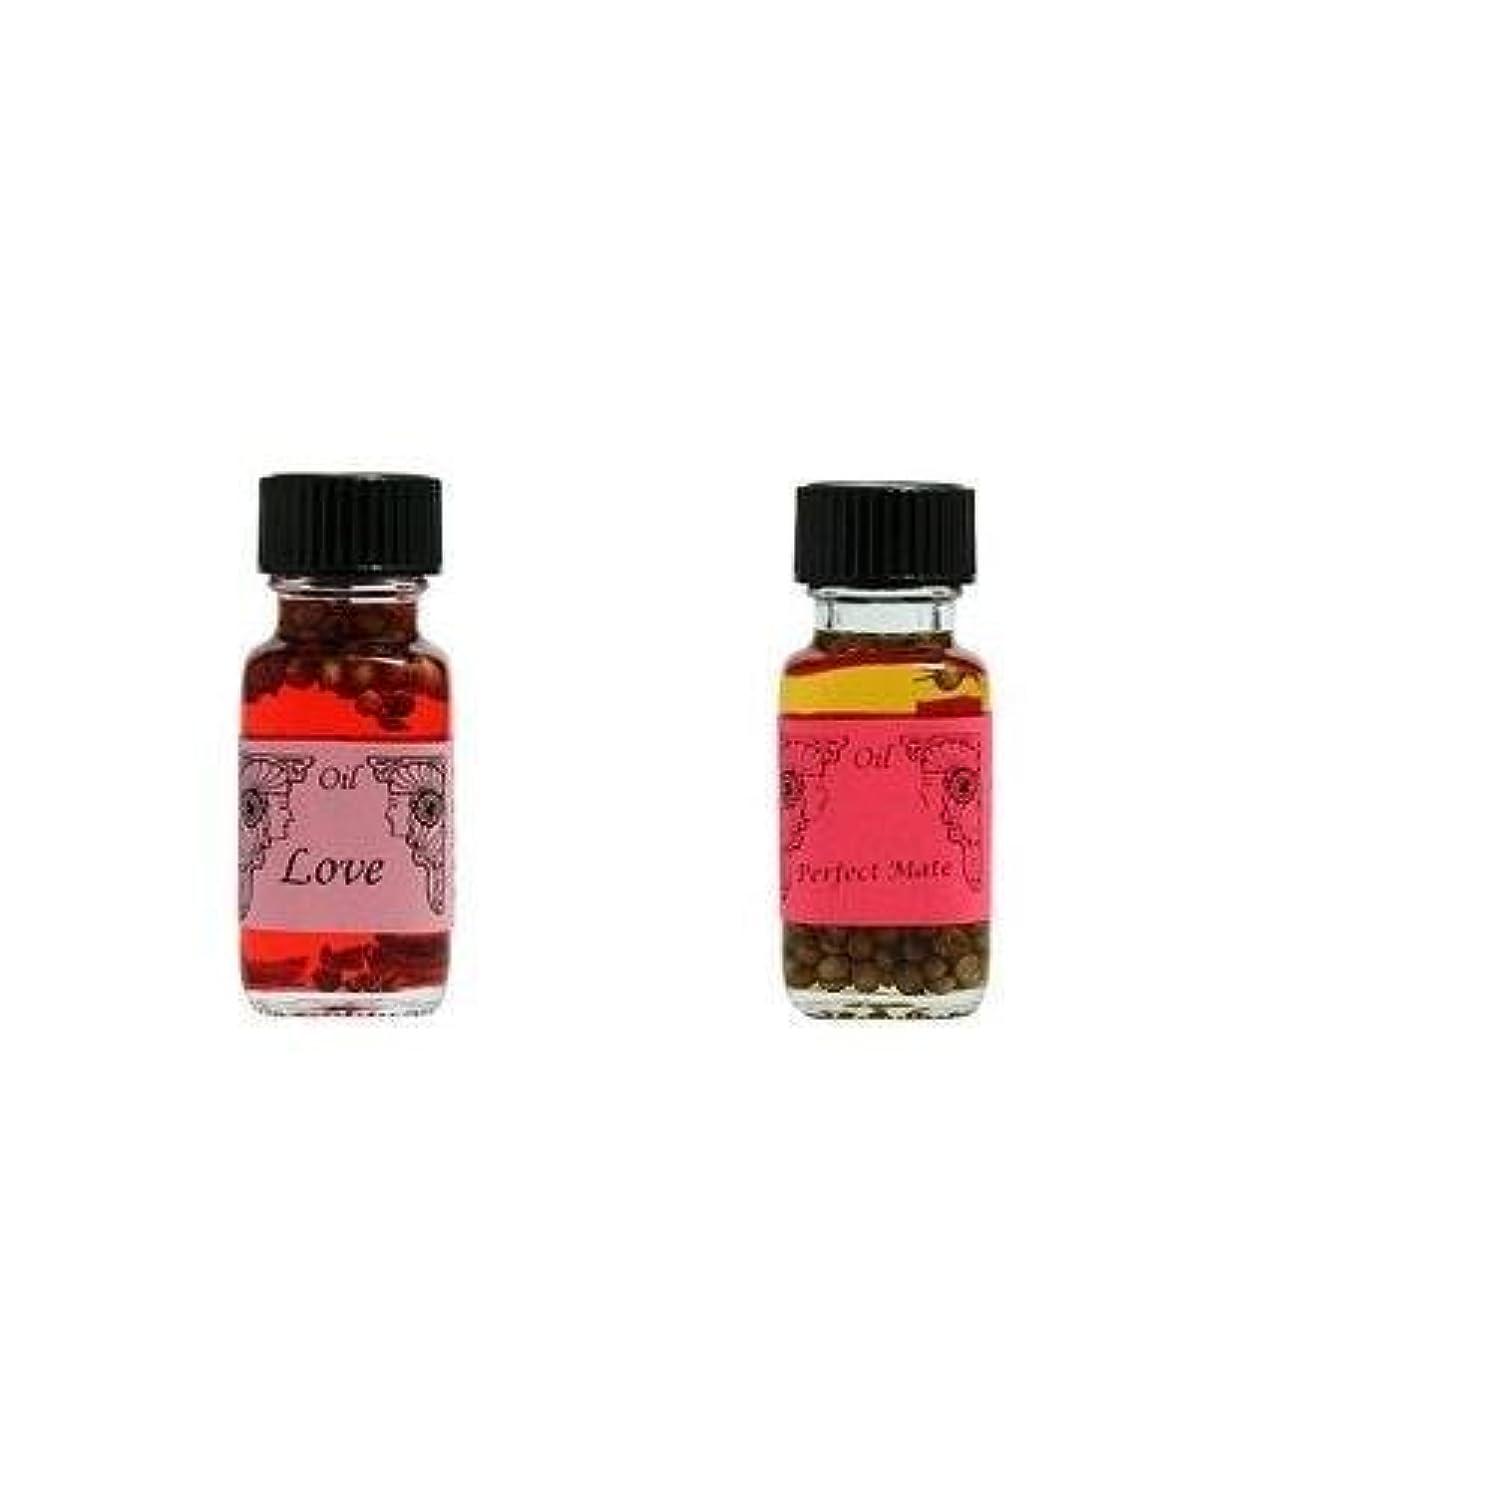 転送言う事前【愛】+【パートナー】Ancient Memory Oils 【人気の2点セット】アンシェントメモリーオイル【LOVE】 +【PERFECT MATE】 【海外直送品】